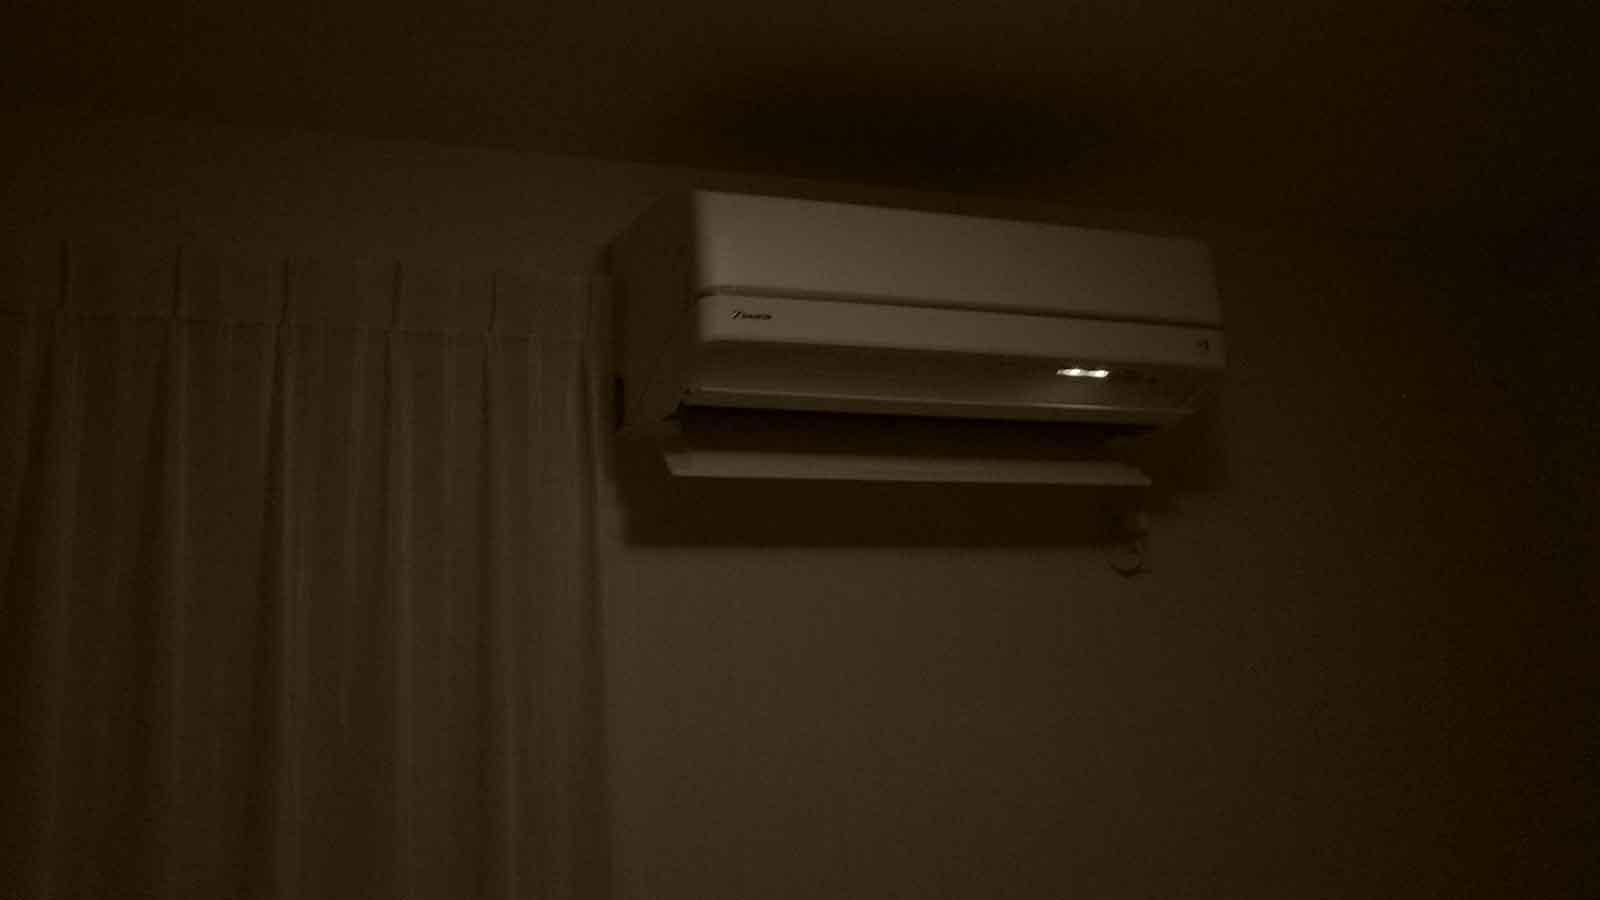 エアコンの電源を入れる